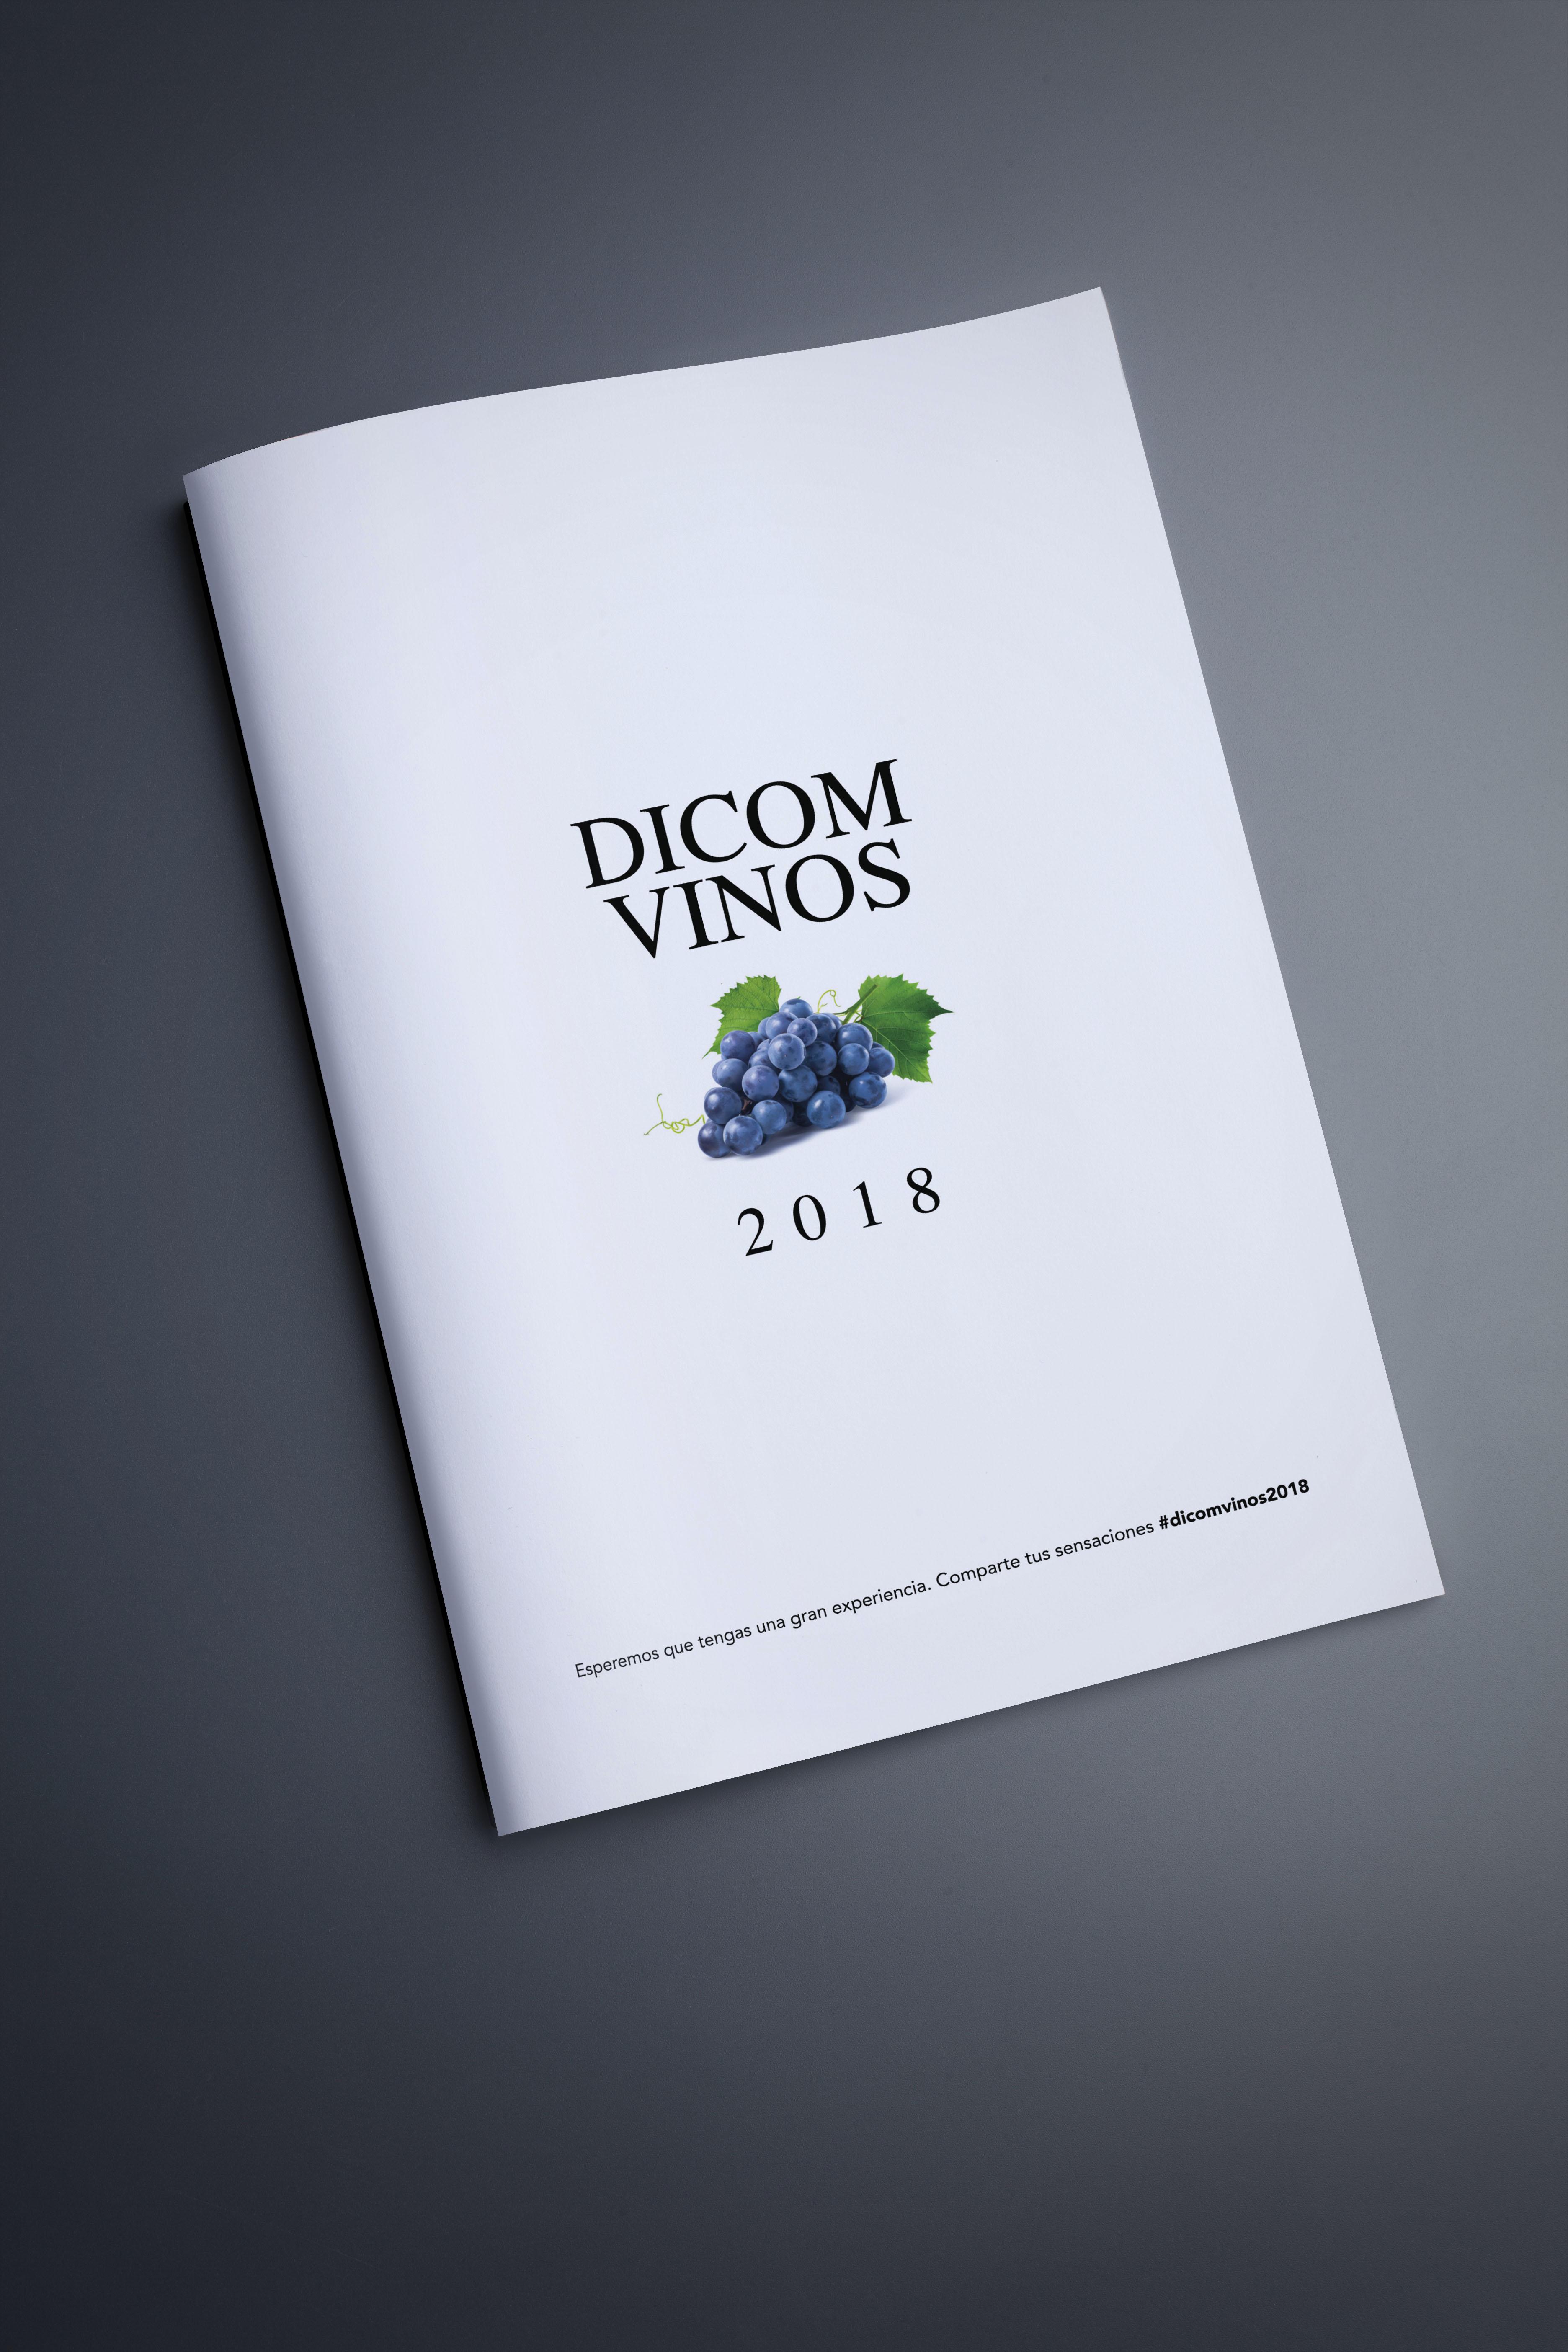 Mockup Folleto DICOM Vinos 2018